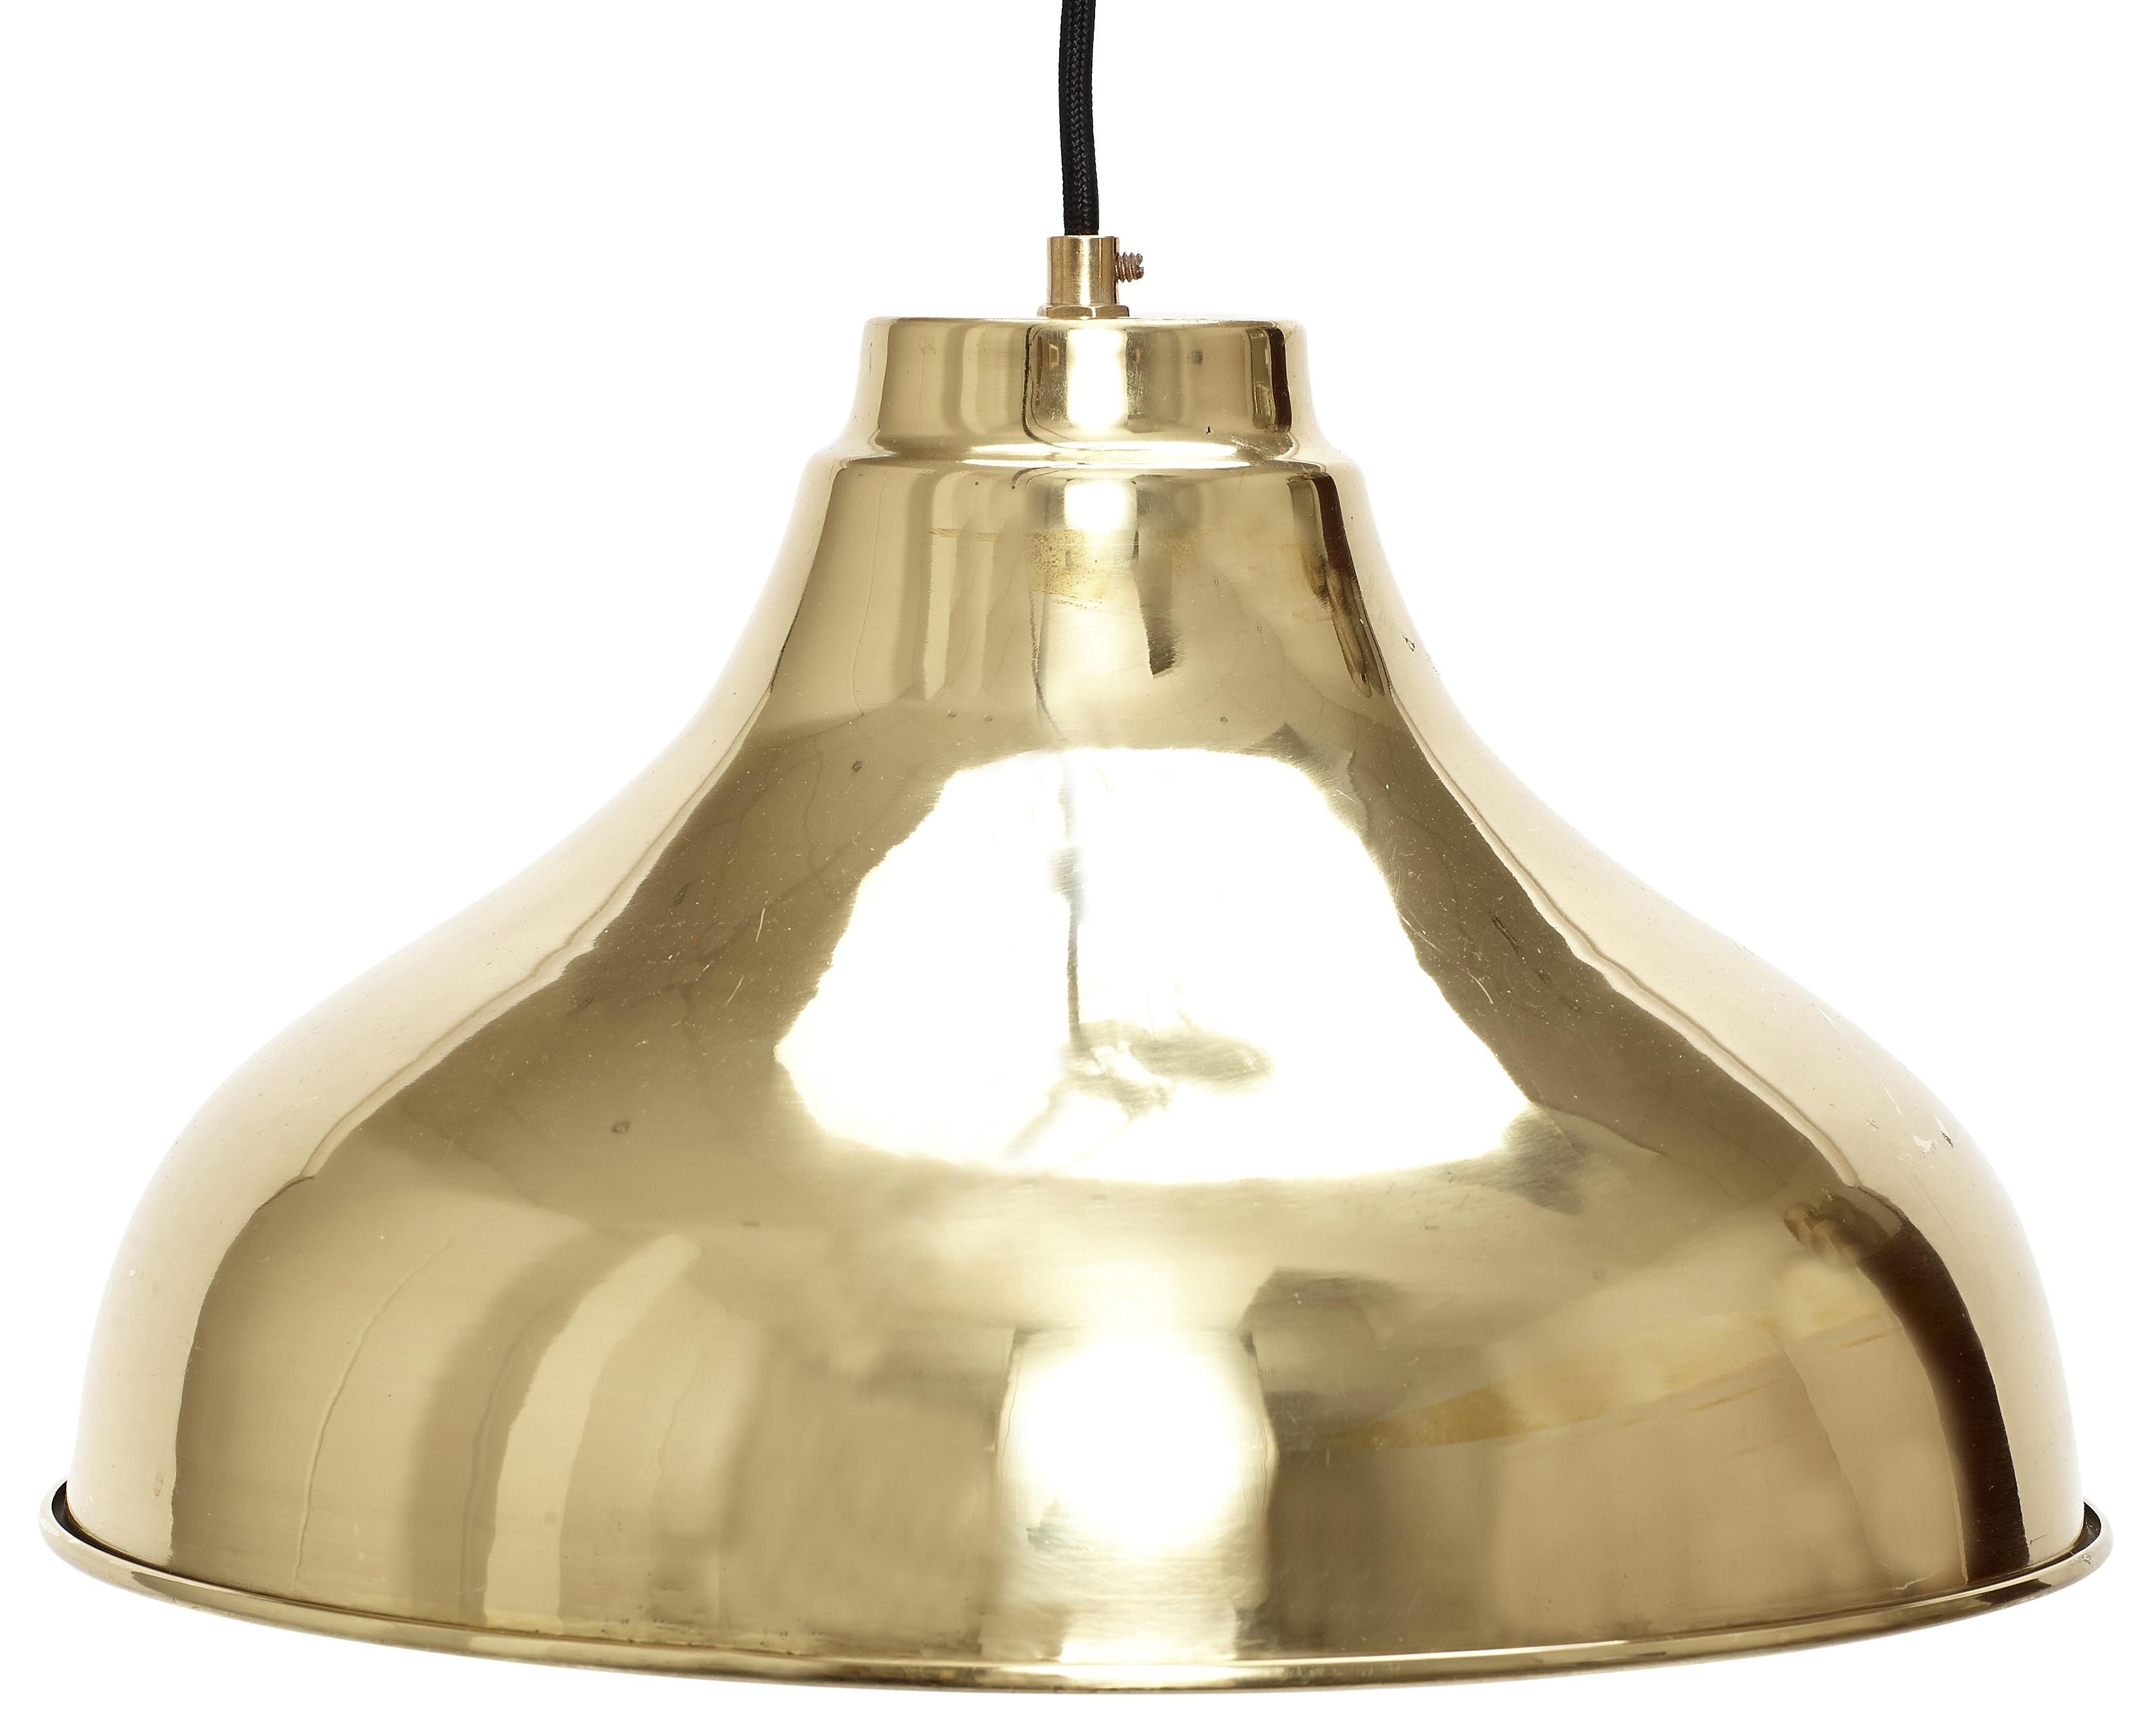 Лампа МАКОВКАПодвесные светильники<br>Светильник в индустриальном стиле. Абажур-маковка изготовлен из латуни с благородным блеском.&amp;lt;div&amp;gt;&amp;lt;br&amp;gt;&amp;lt;/div&amp;gt;&amp;lt;div&amp;gt;Вид цоколя: Е27&amp;lt;/div&amp;gt;&amp;lt;div&amp;gt;Мощность: 40W&amp;lt;/div&amp;gt;&amp;lt;div&amp;gt;Количество ламп: 1&amp;lt;/div&amp;gt;<br><br>Material: Латунь<br>Height см: 26<br>Diameter см: 39